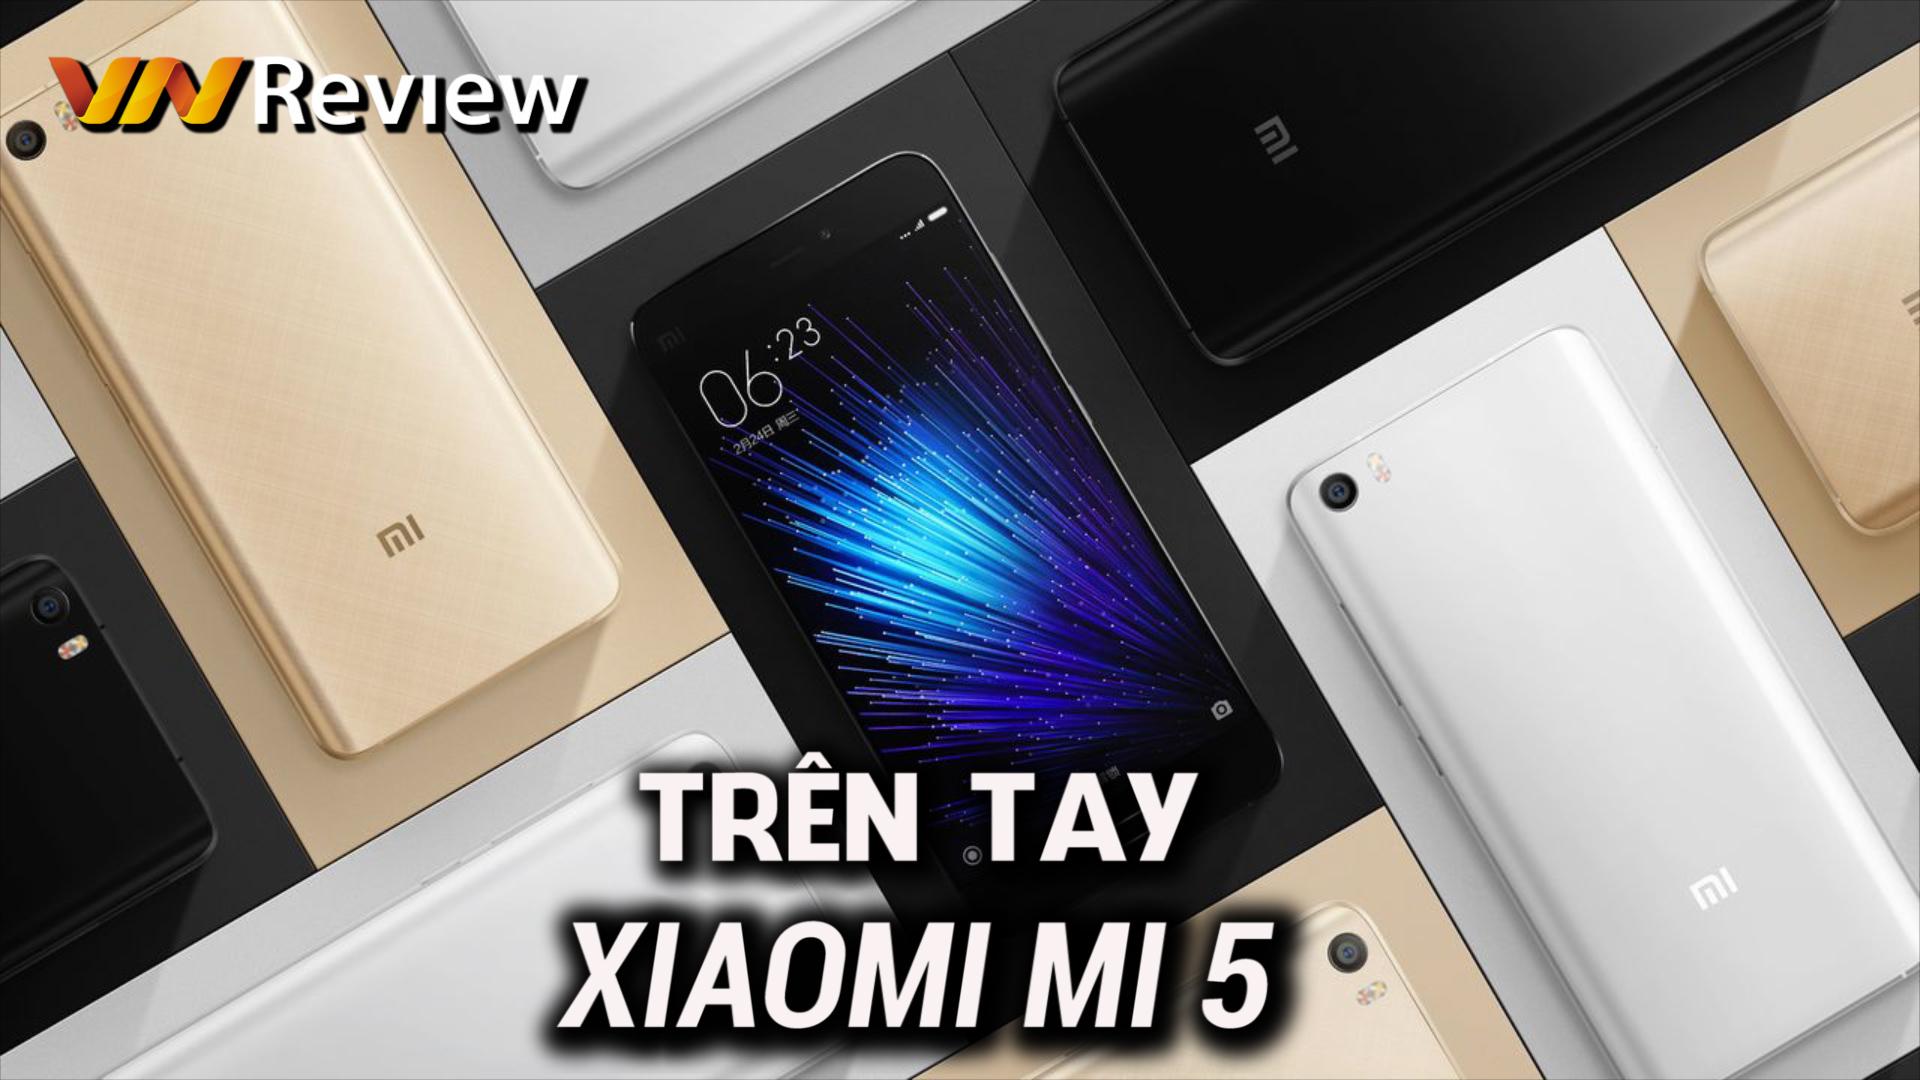 """Video trên tay Xiaomi Mi 5: Vẫn """"cấu hình cao, giá tốt"""", không nhiều đột phá"""